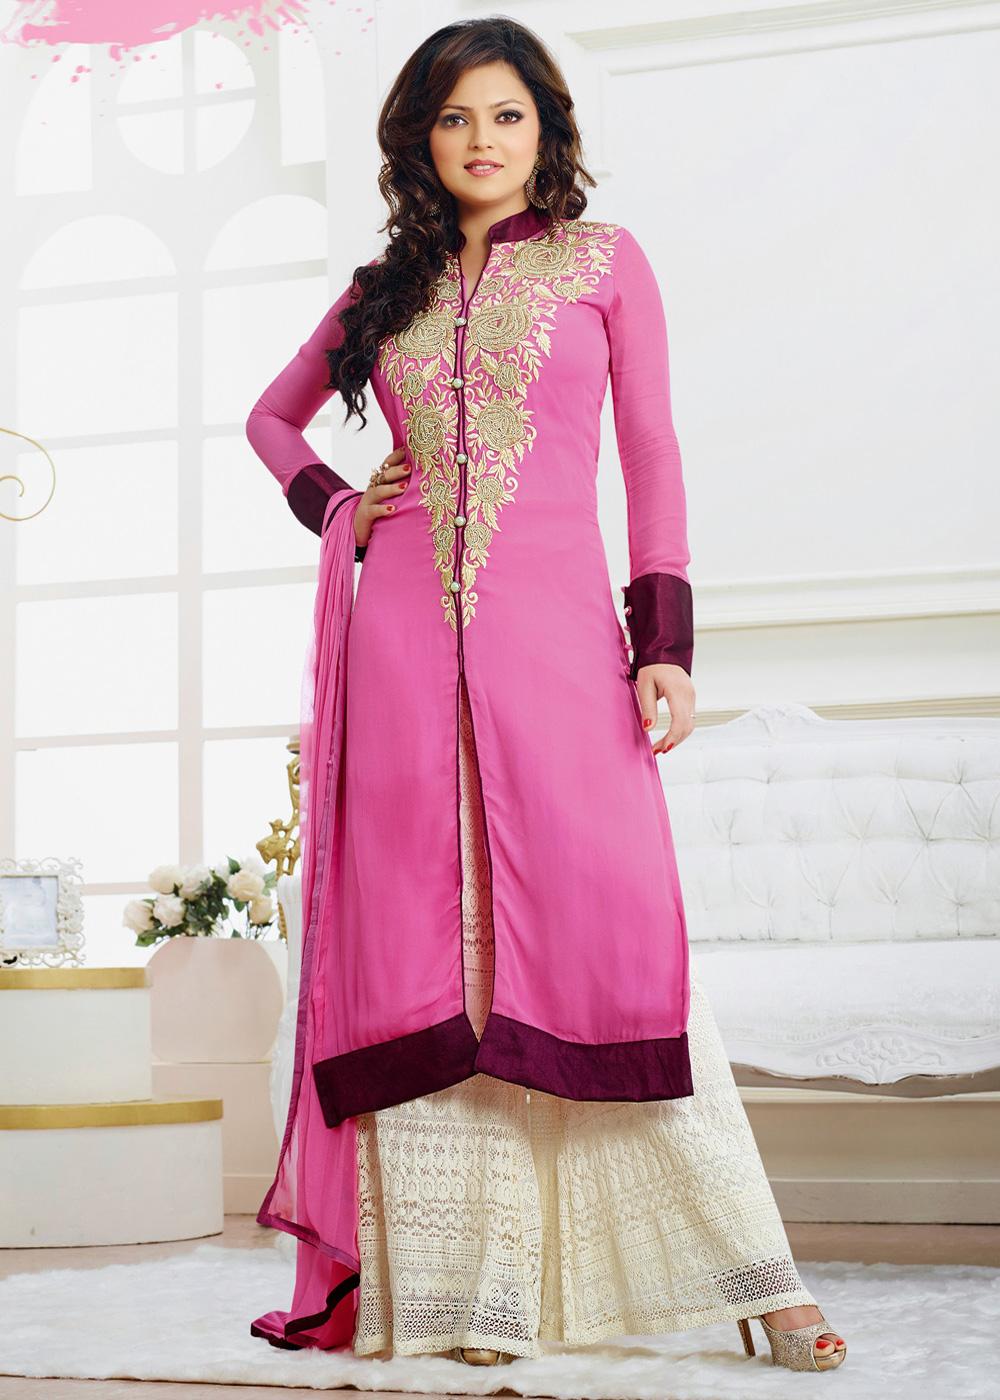 83f1a3f5e6 Beautiful Long Shirts Dress 2019 With Palazzo Pants - Top Pakistan